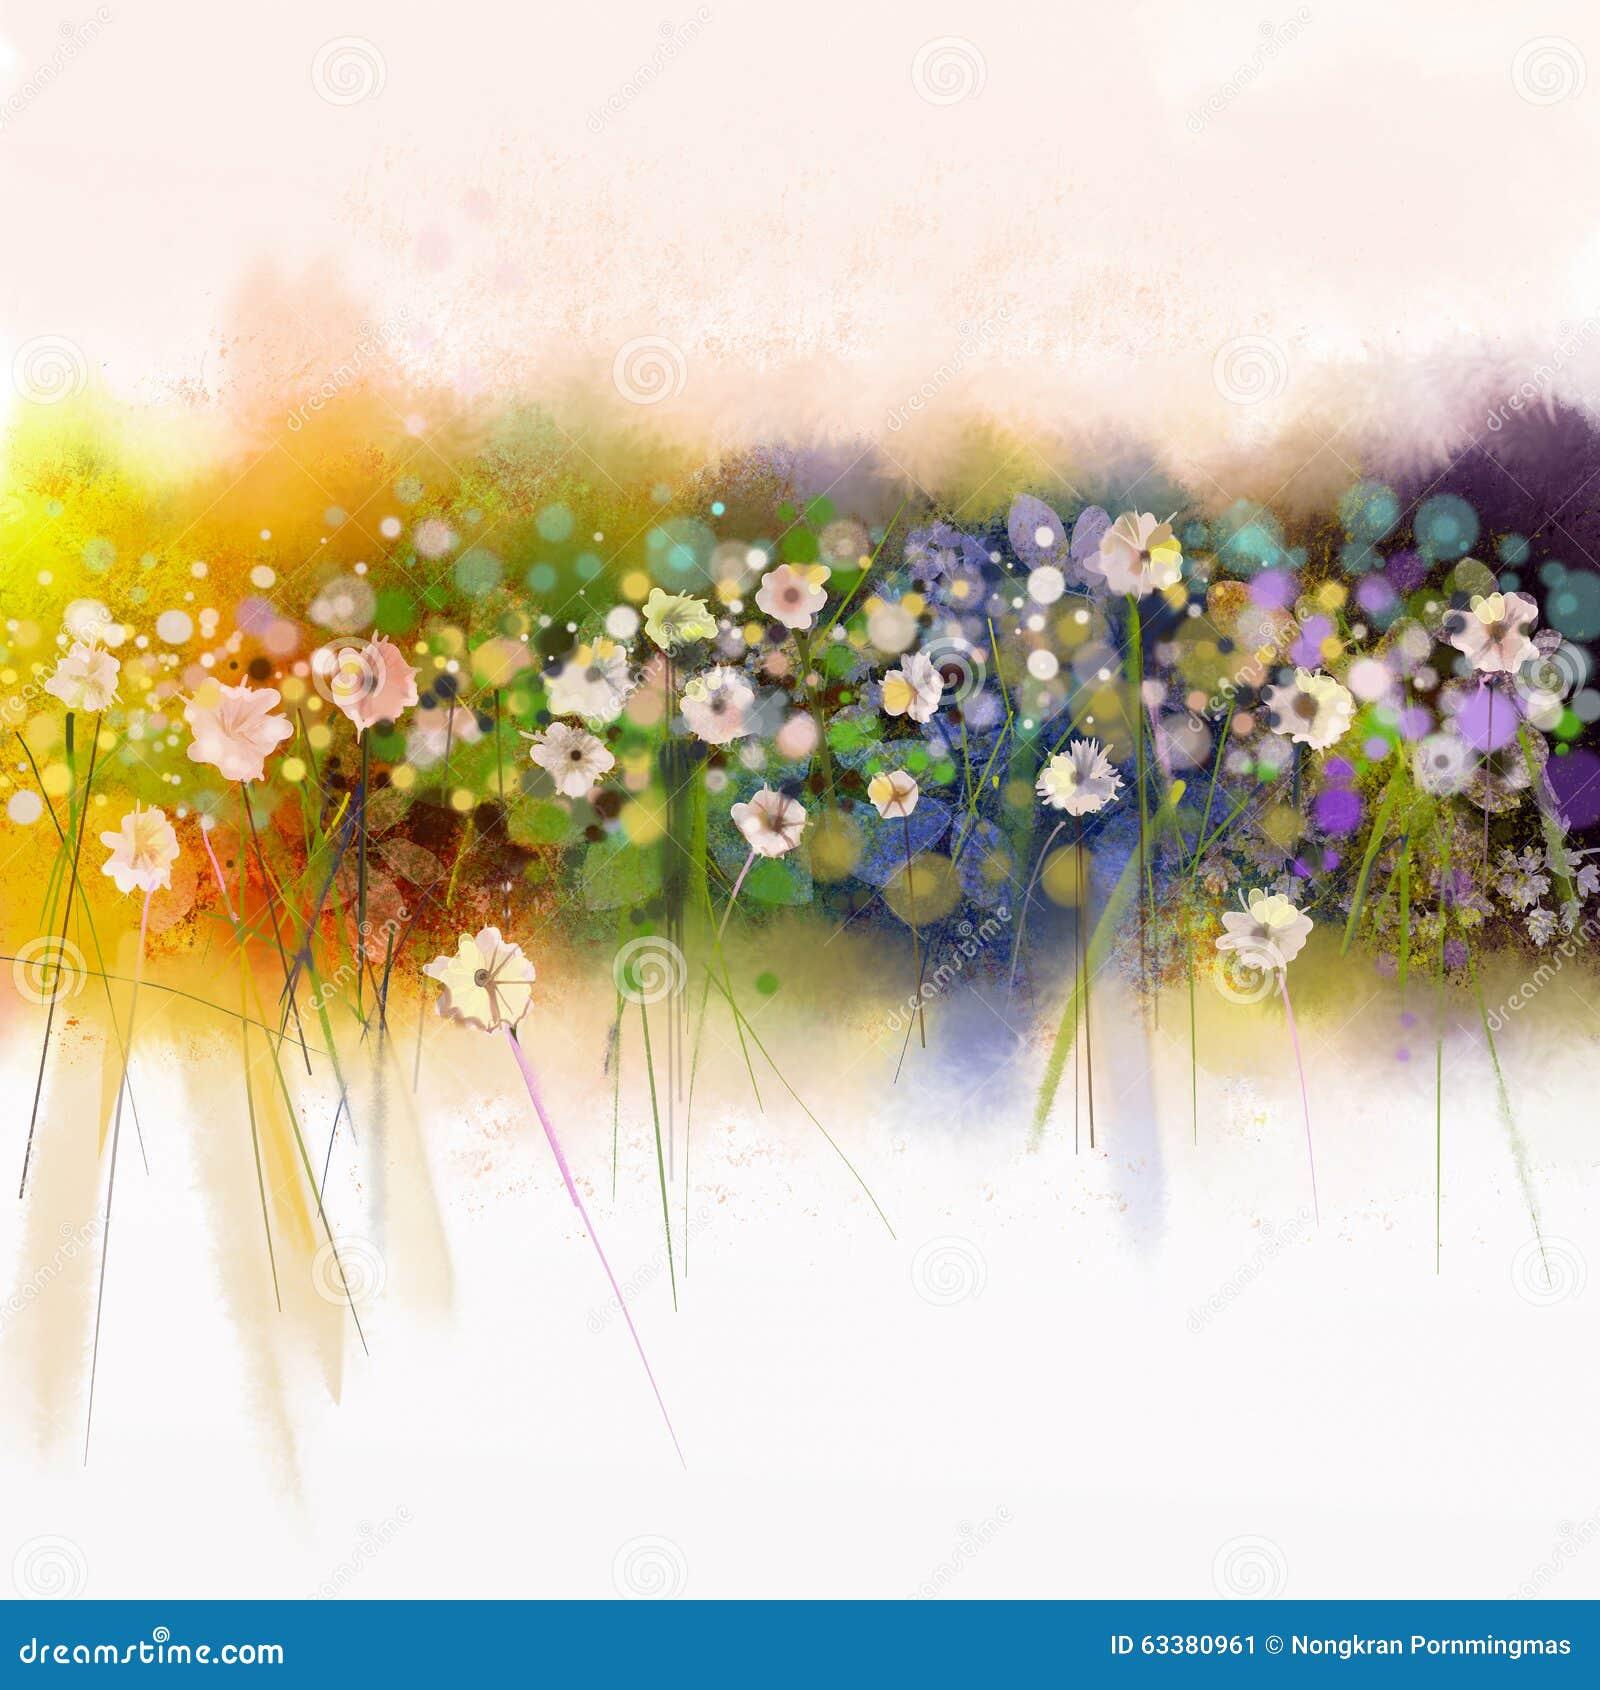 Watecolorflowers painting spring seasonal nature for Spring flowers watercolor